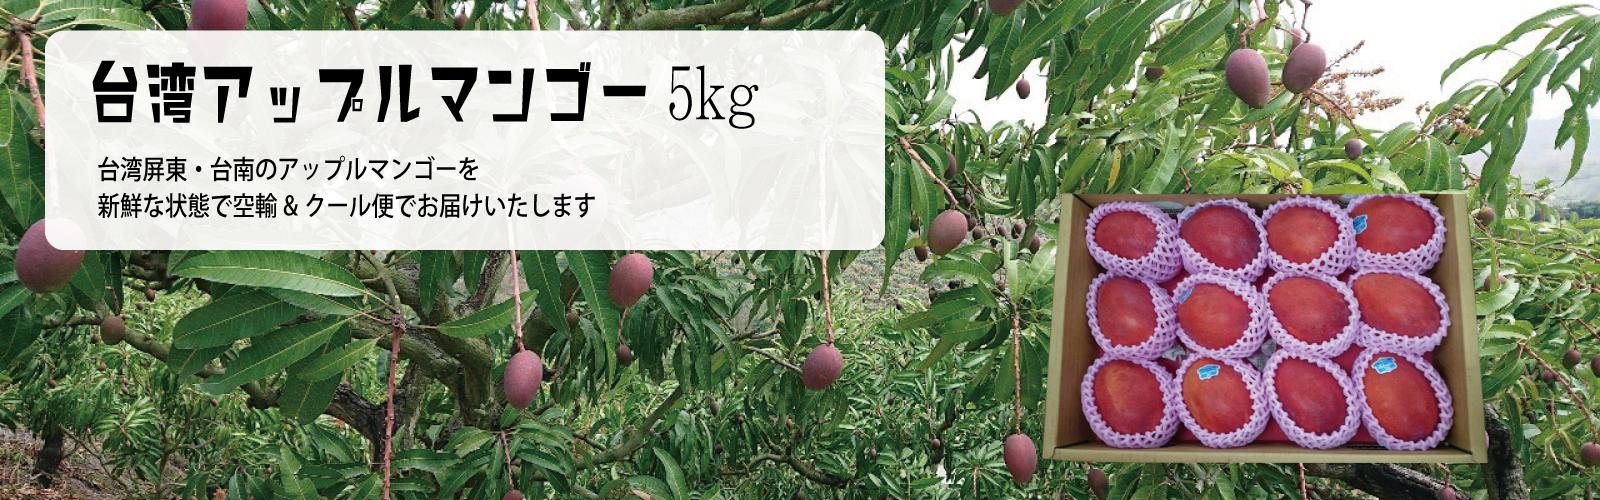 台湾アップルマンゴー5kgのご購入はこちら